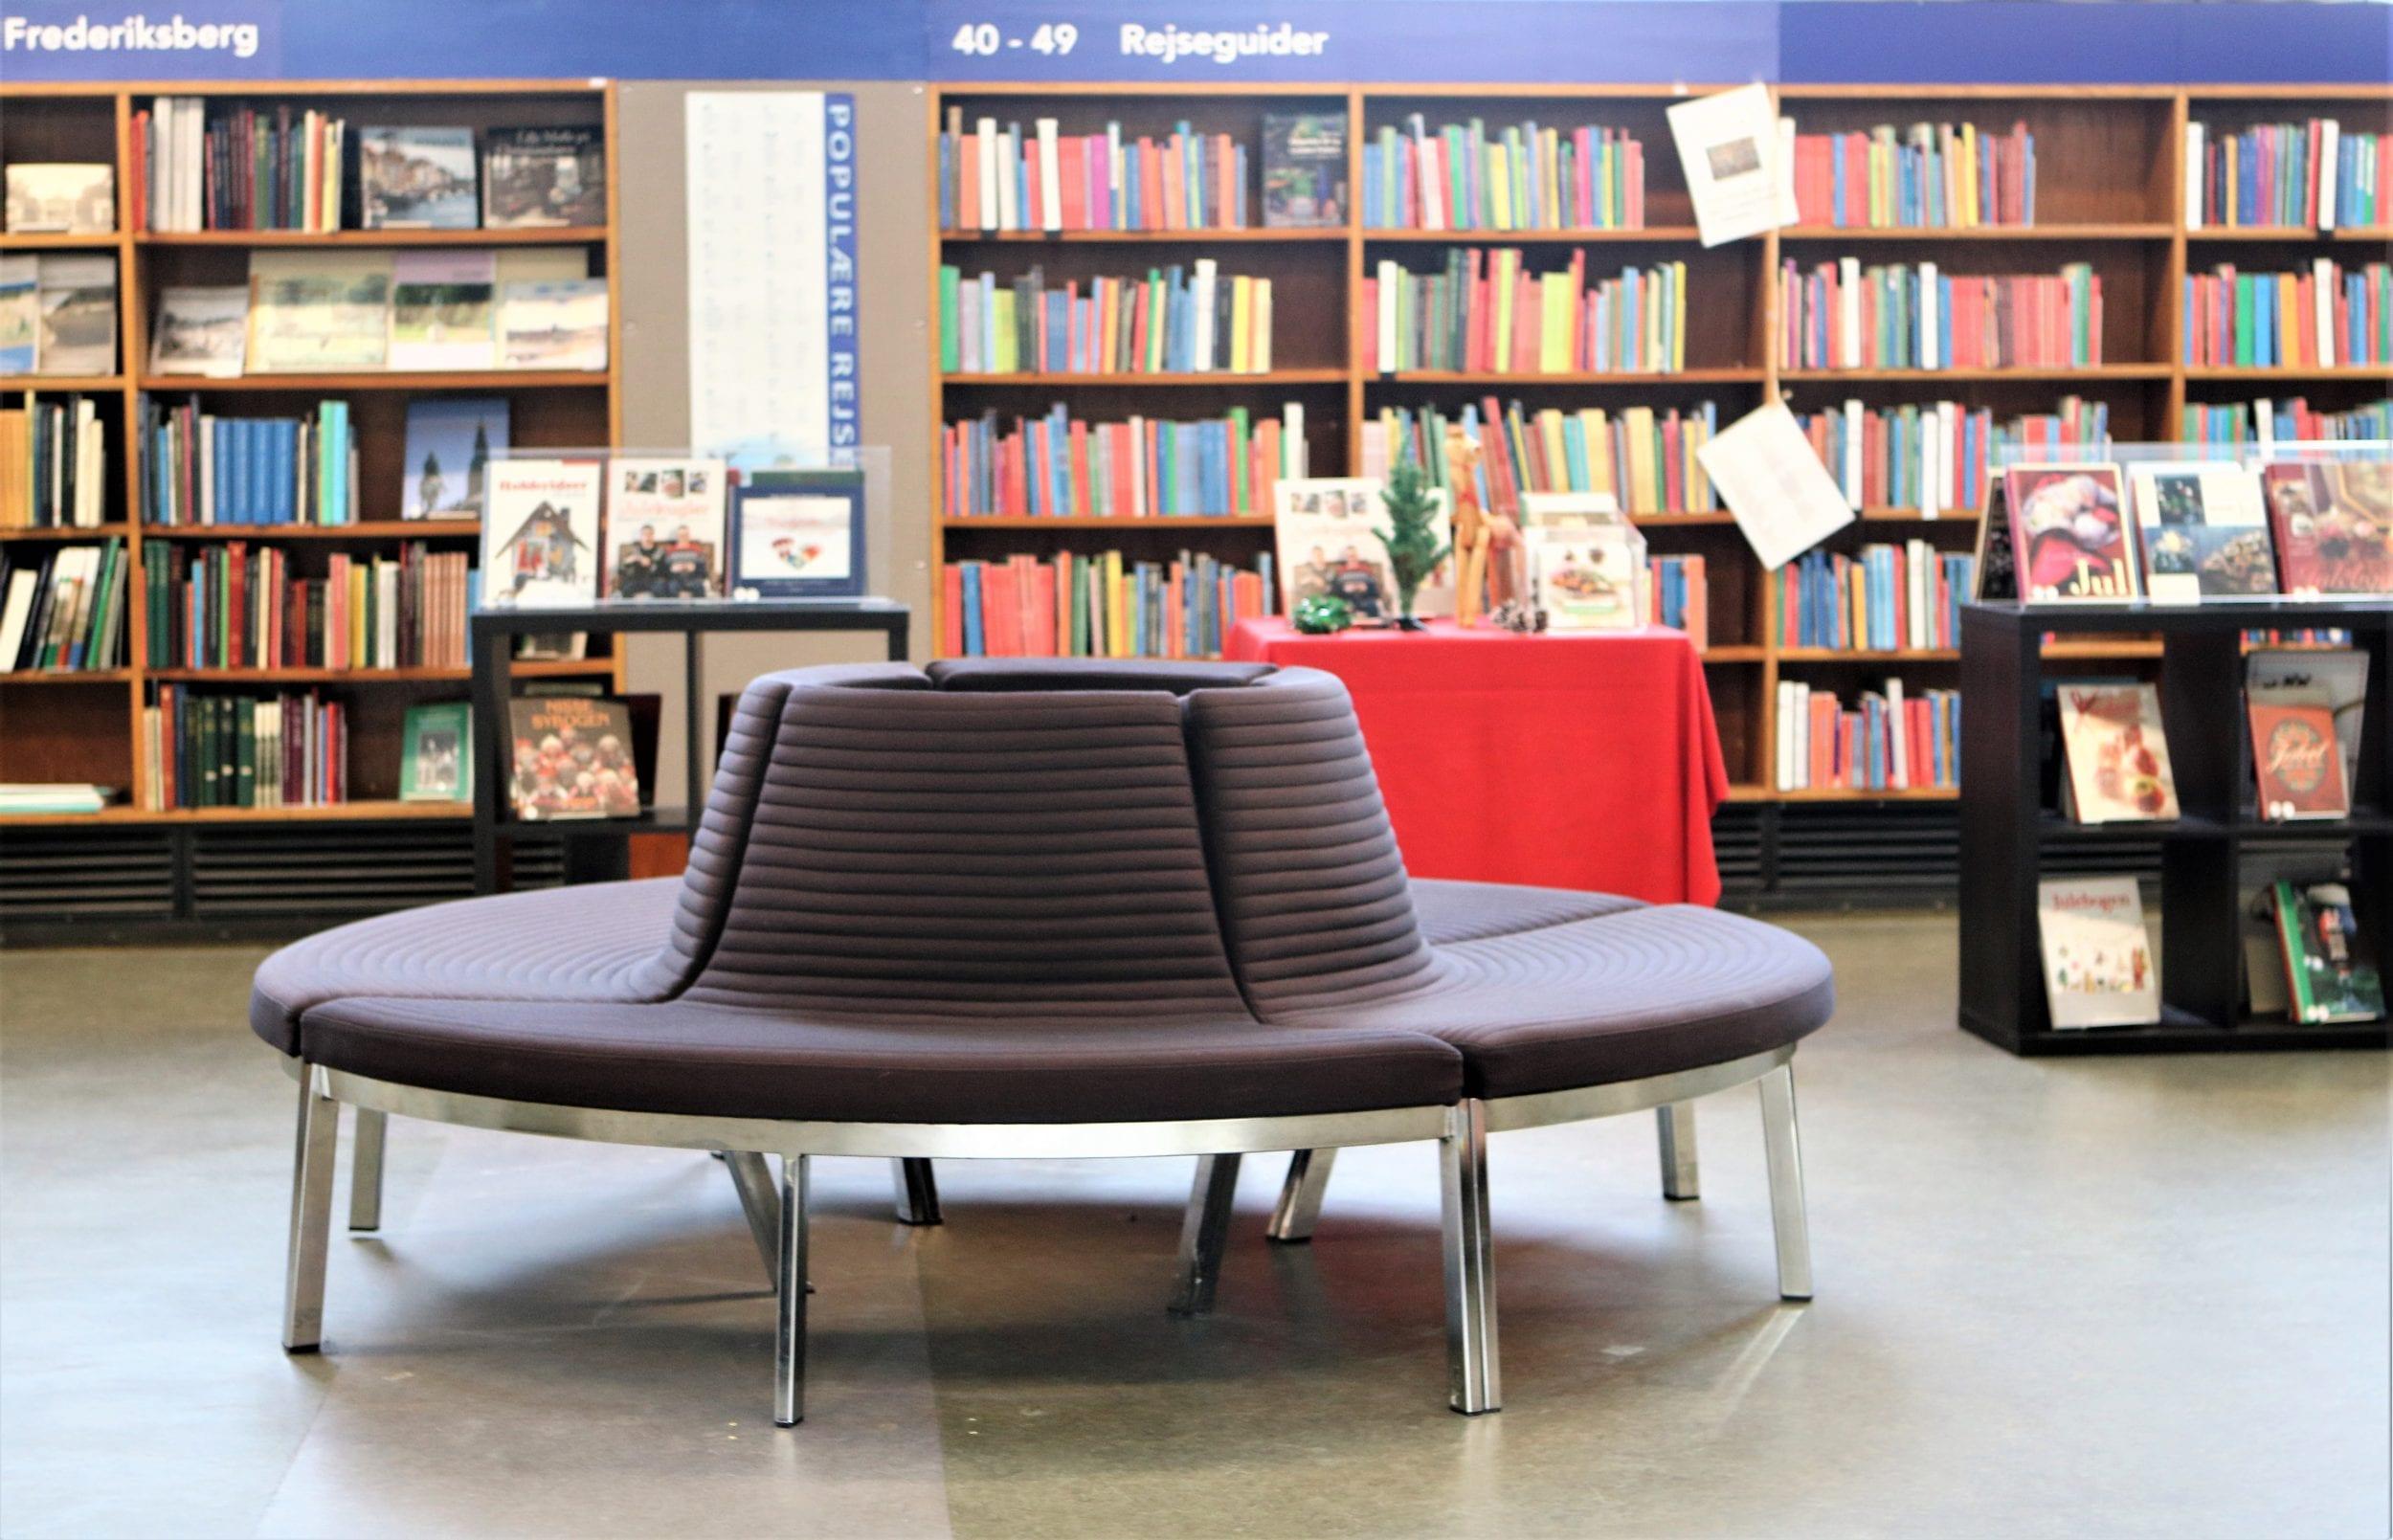 Genåbning: Nu kan der igen lånes fysiske bøger på biblioteket